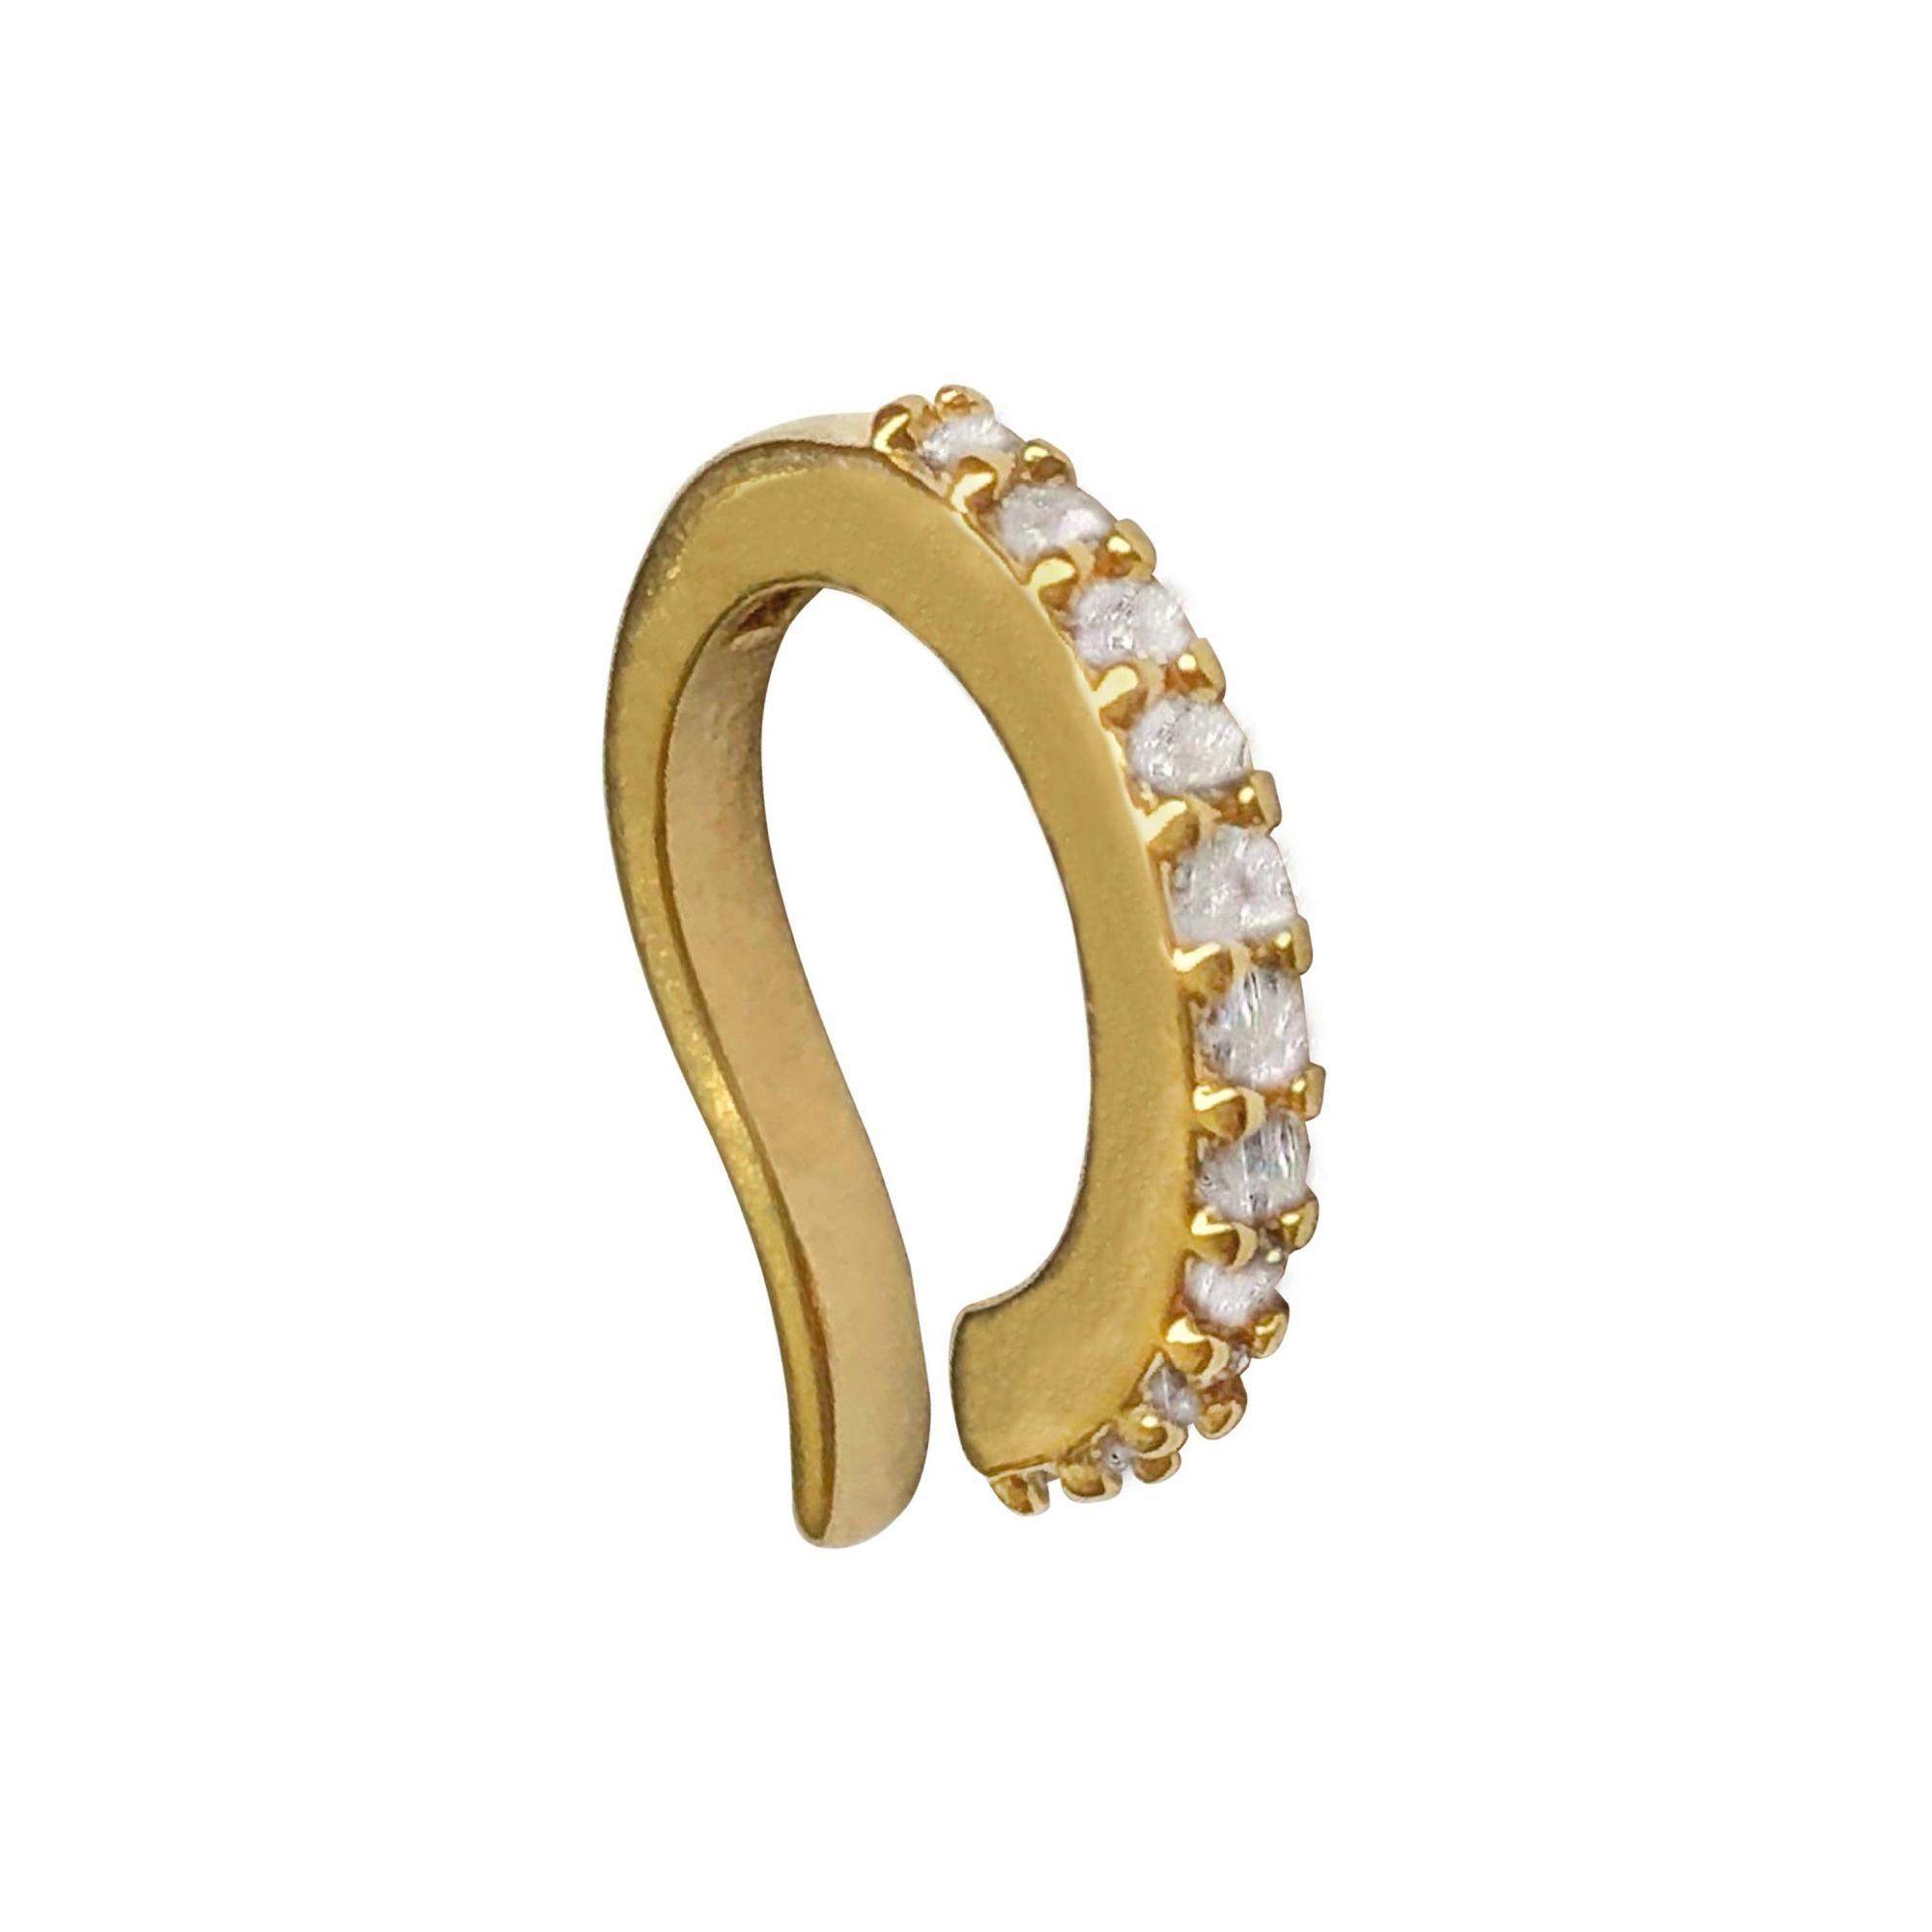 Piercing de pressão cravejado com micro zircônias folheado em ouro 18k